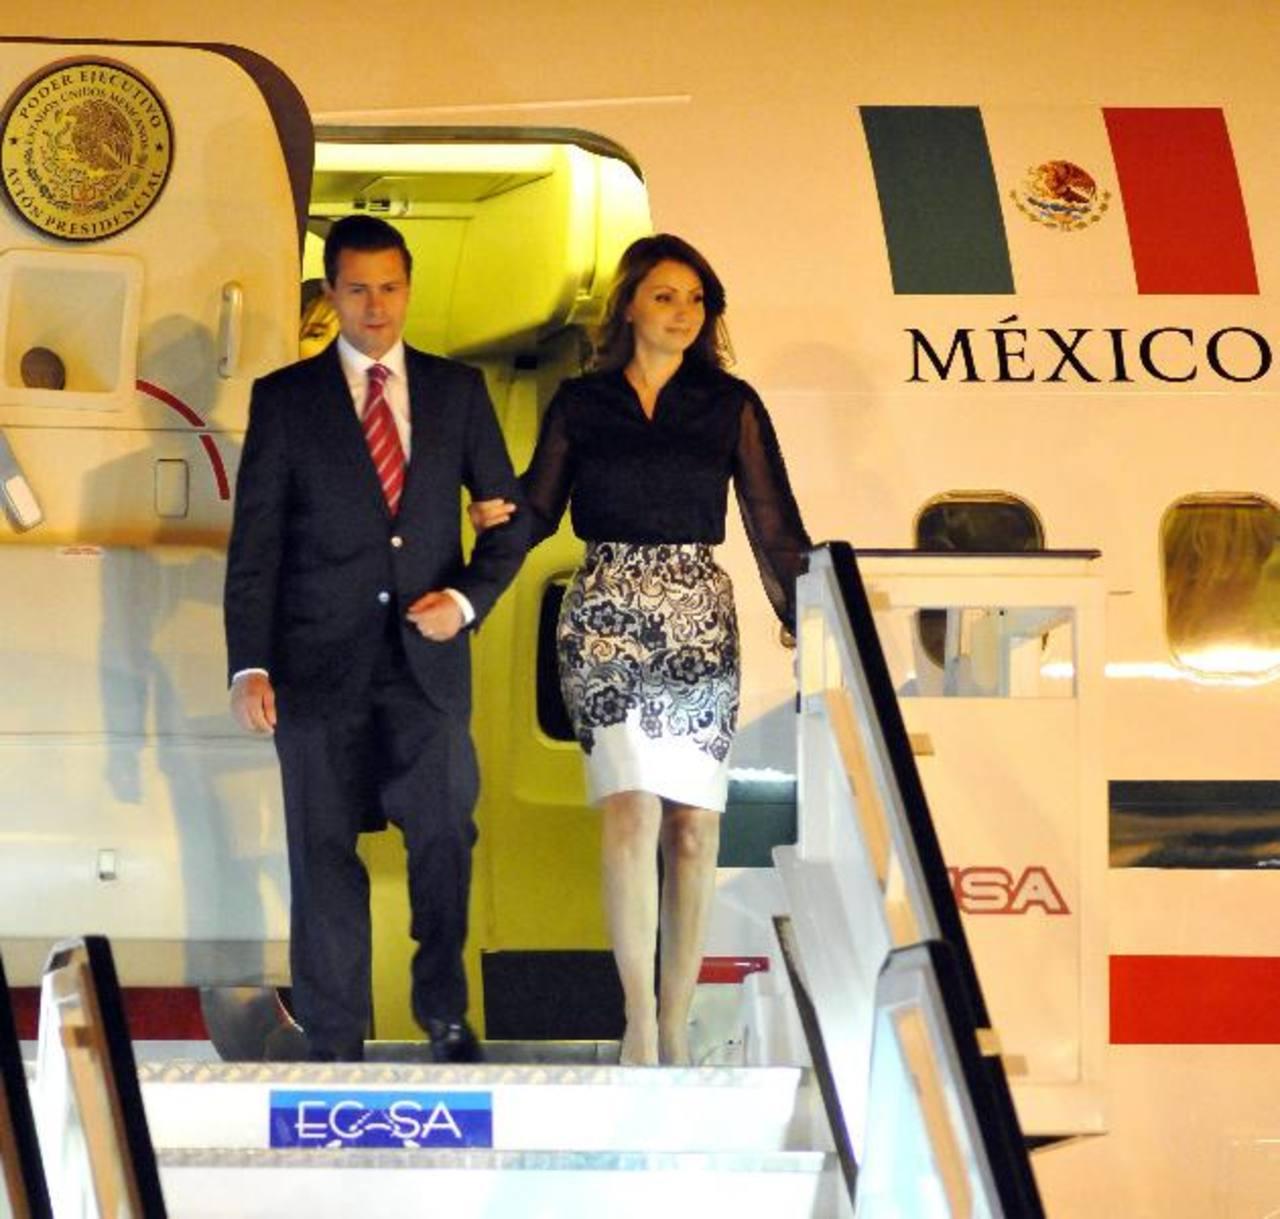 El presidente mexicano, Enrique Peña Nieto, viaja con su esposa, Angélica Rivera de Peña. Ambos se hospedarán en el Palacio El Pardo durante su estancia en Madrid. Foto EDH / Archivo